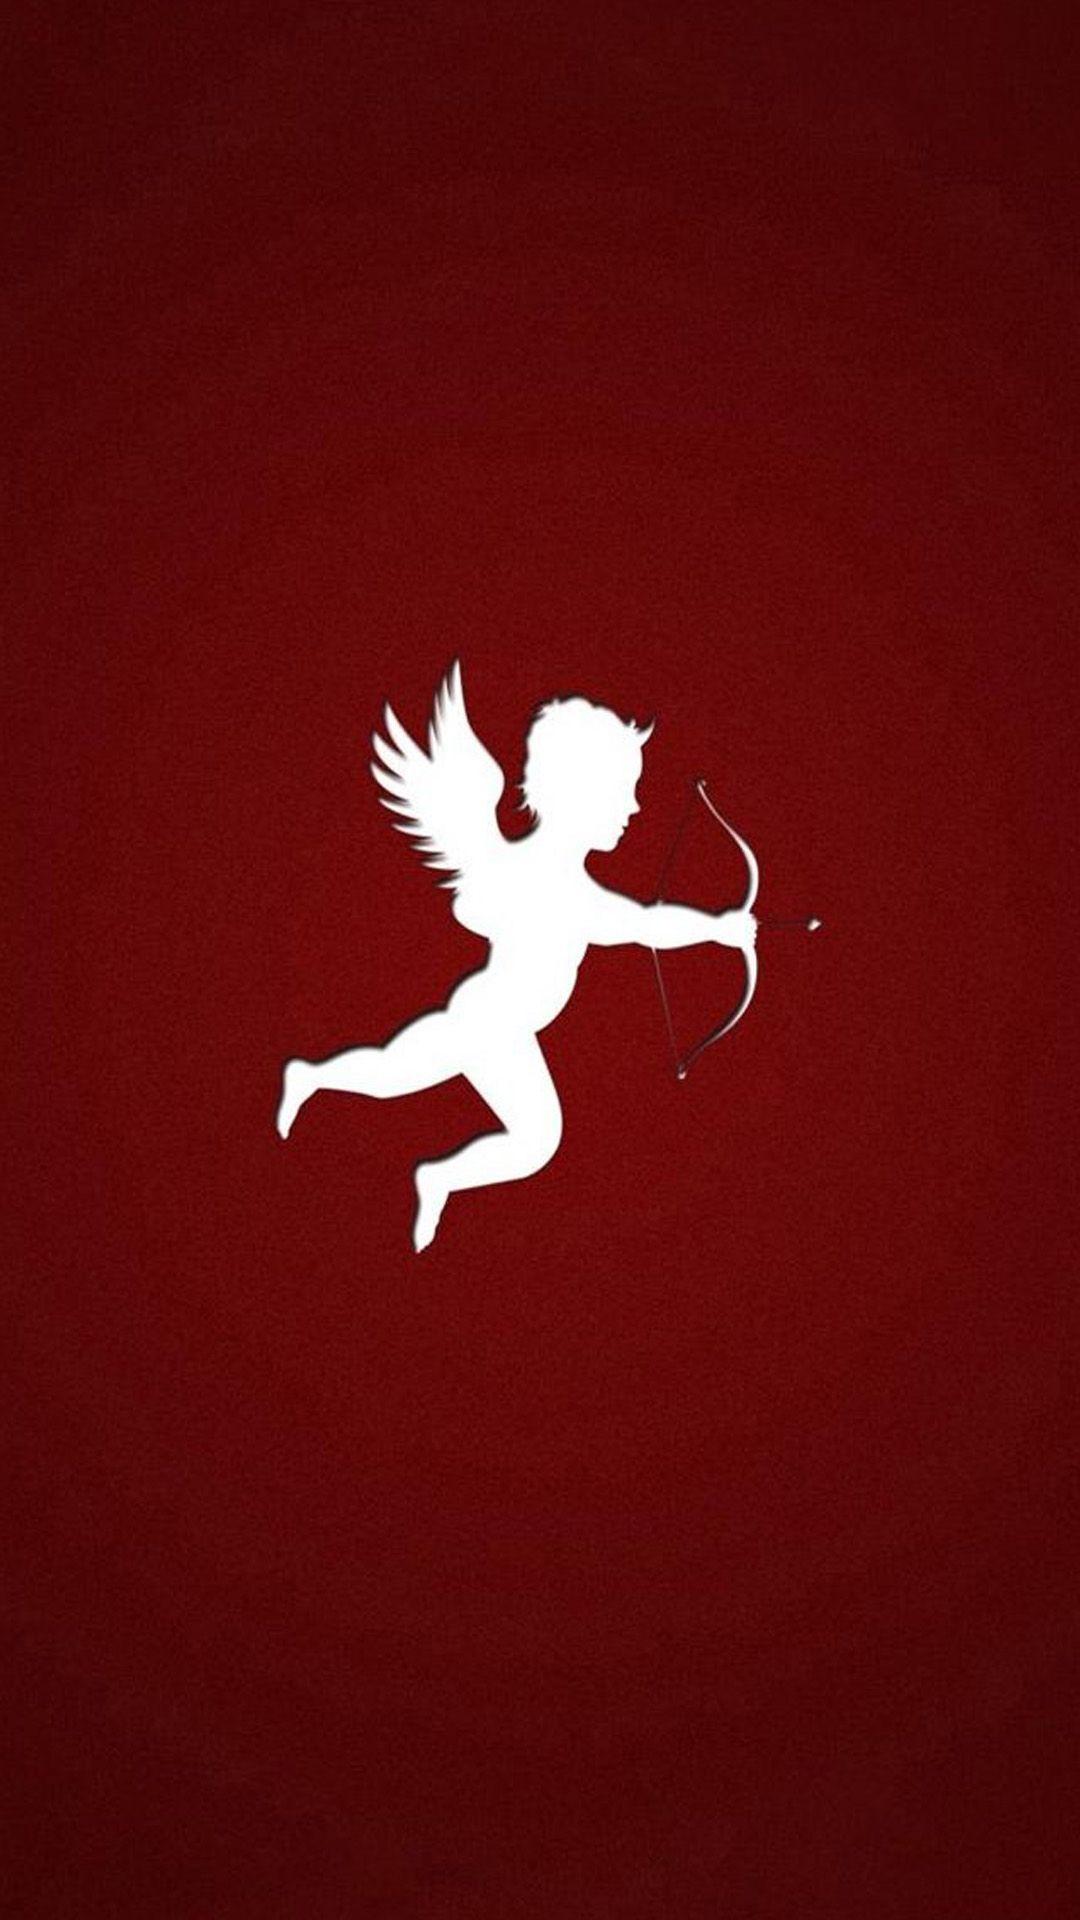 Cupid Minimalism